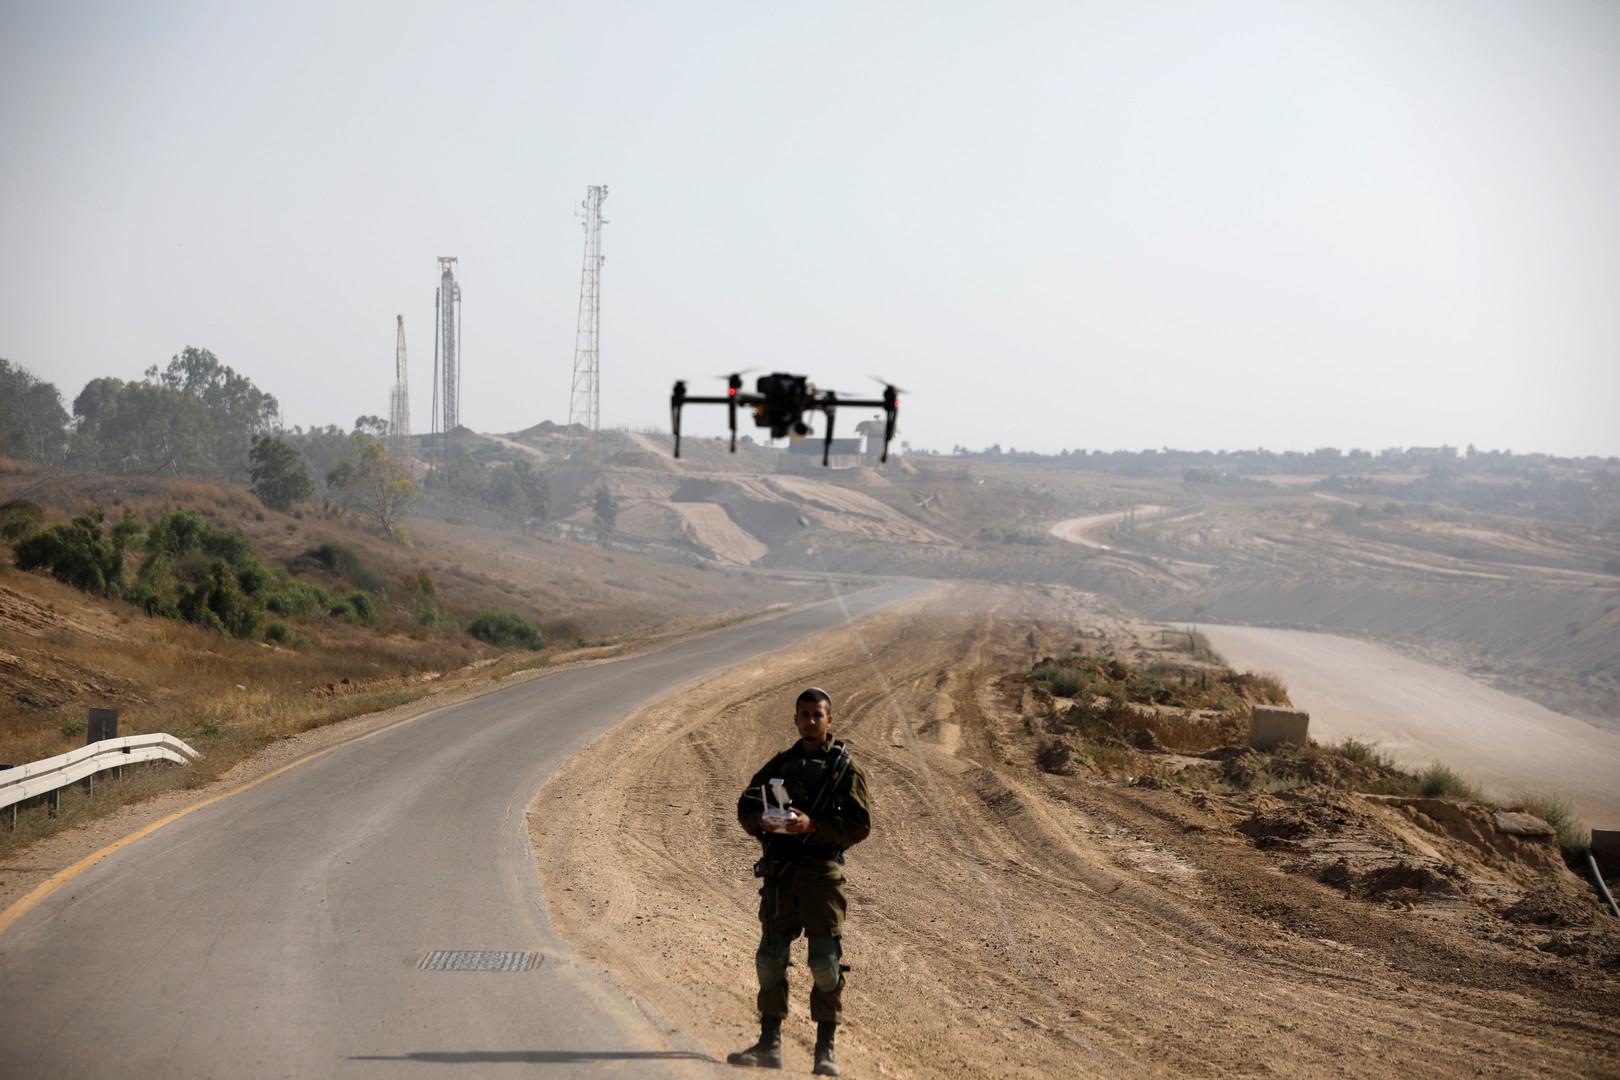 الجيش الإسرائيلي يعلن تحطم طائرة مسيرة تابعة له في قطاع غزة